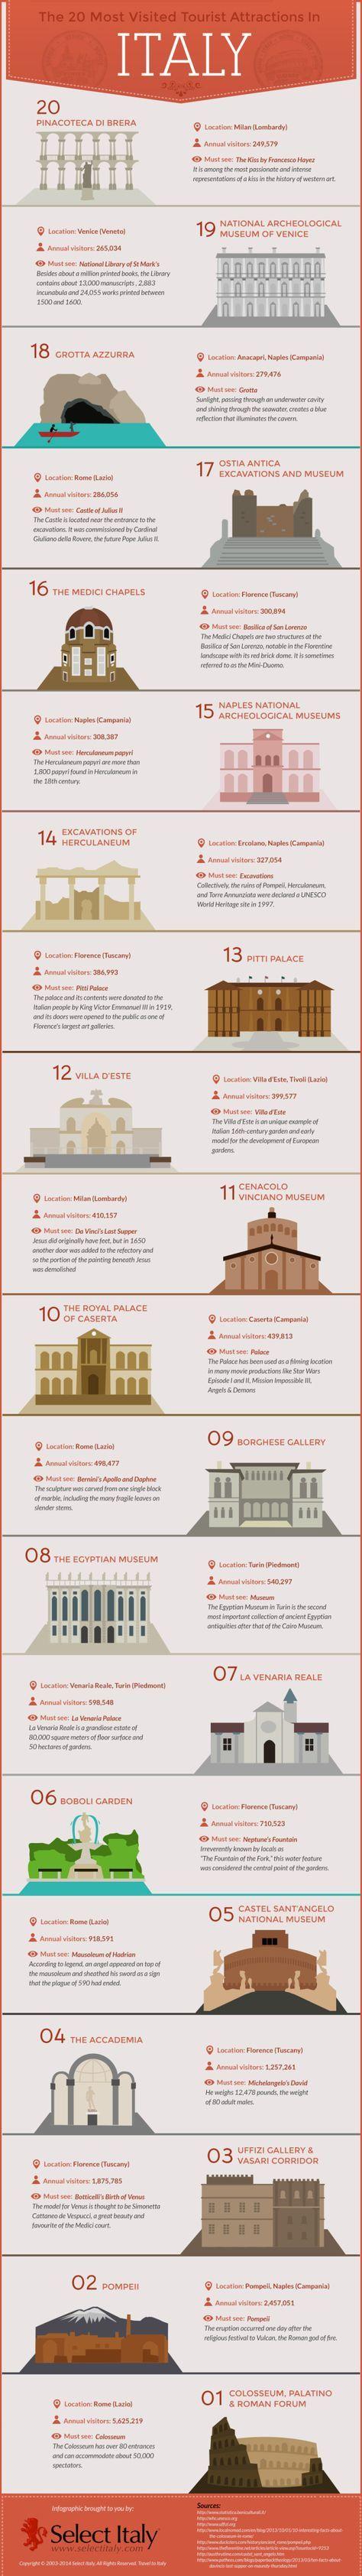 le 20  Attrazioni turistiche più visitate in Italia [Infografica] | Espresso